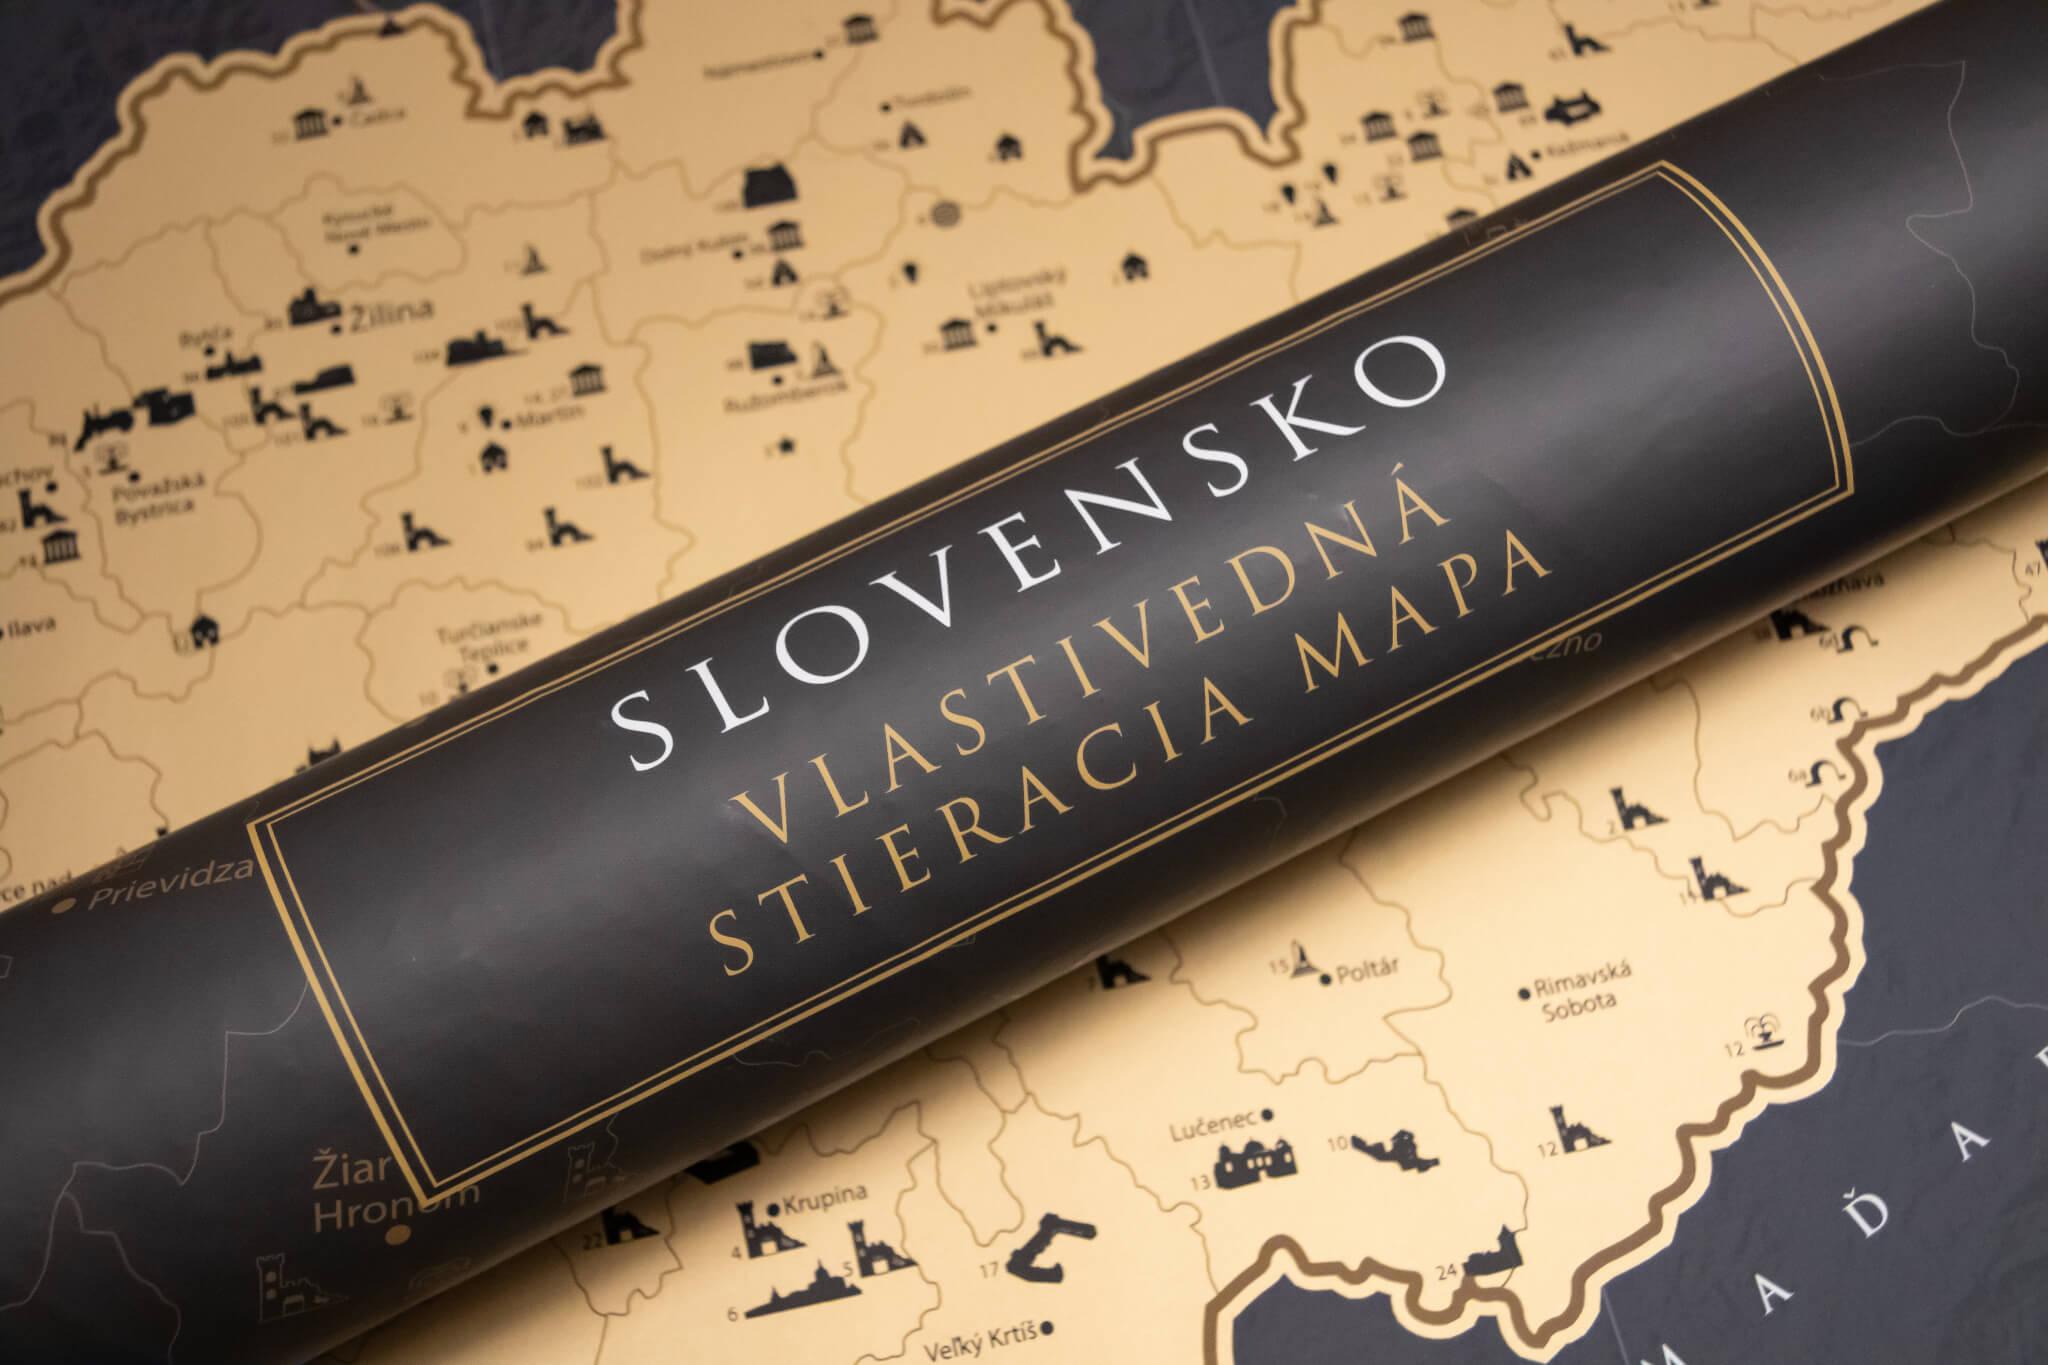 Stírací mapa Slovenska - Dárkový tubus